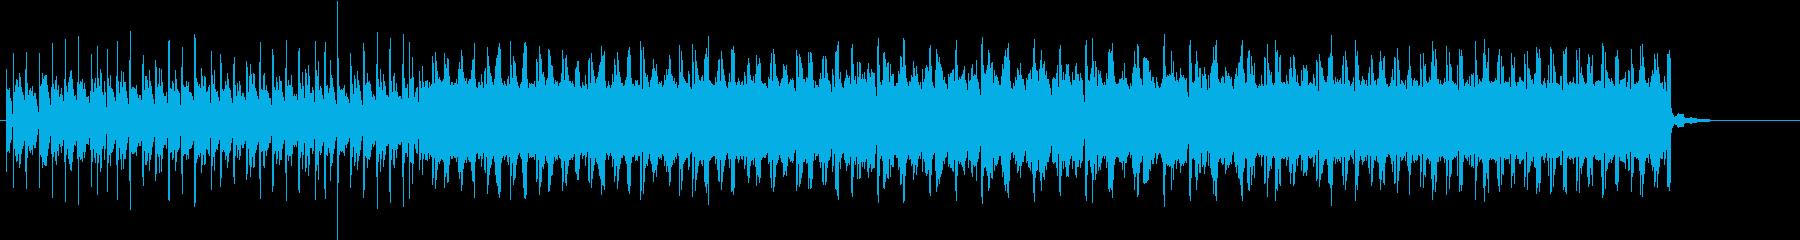 勇ましいシーンのBGMの再生済みの波形